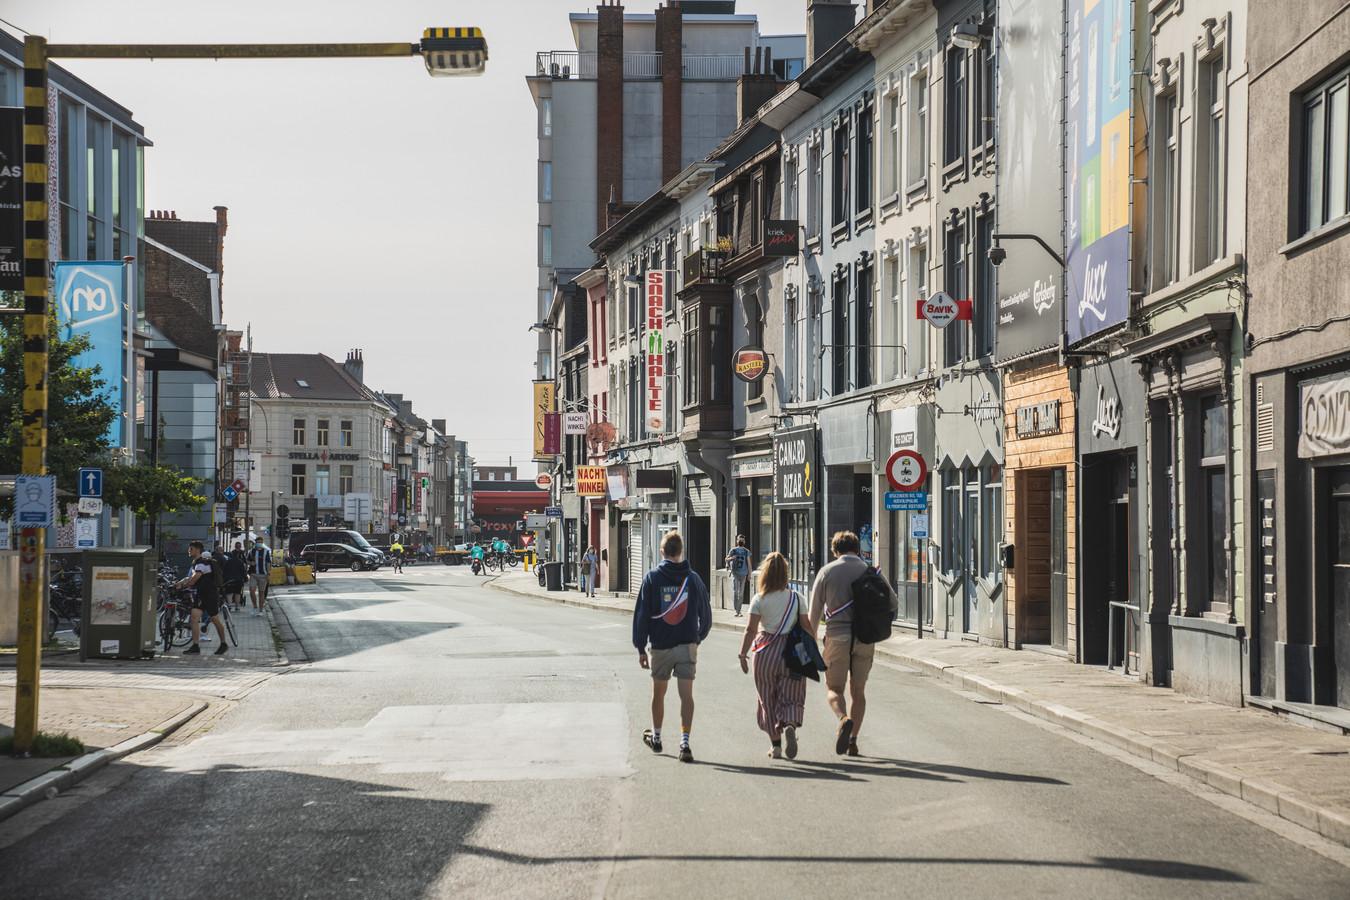 De Overpoortstraat vandaag. Wordt het maandag één groot terras, of niet?